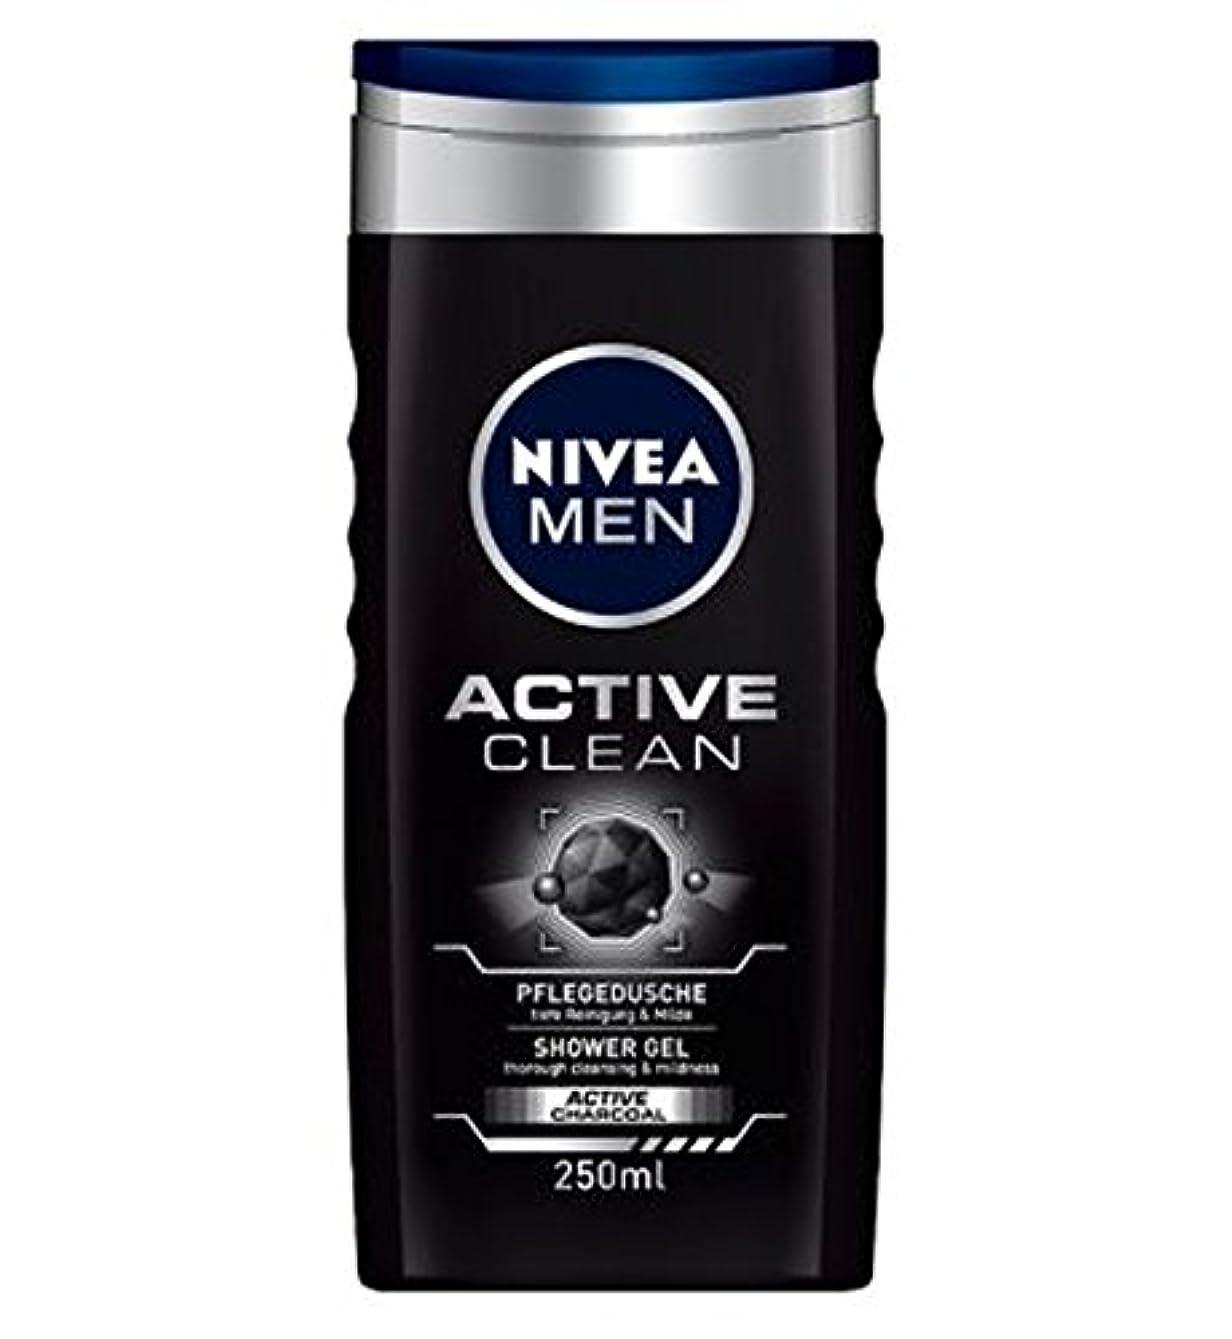 凍ったと些細NIVEA MEN Active Clean Shower Gel 250ml - ニベアの男性アクティブクリーンシャワージェル250ミリリットル (Nivea) [並行輸入品]